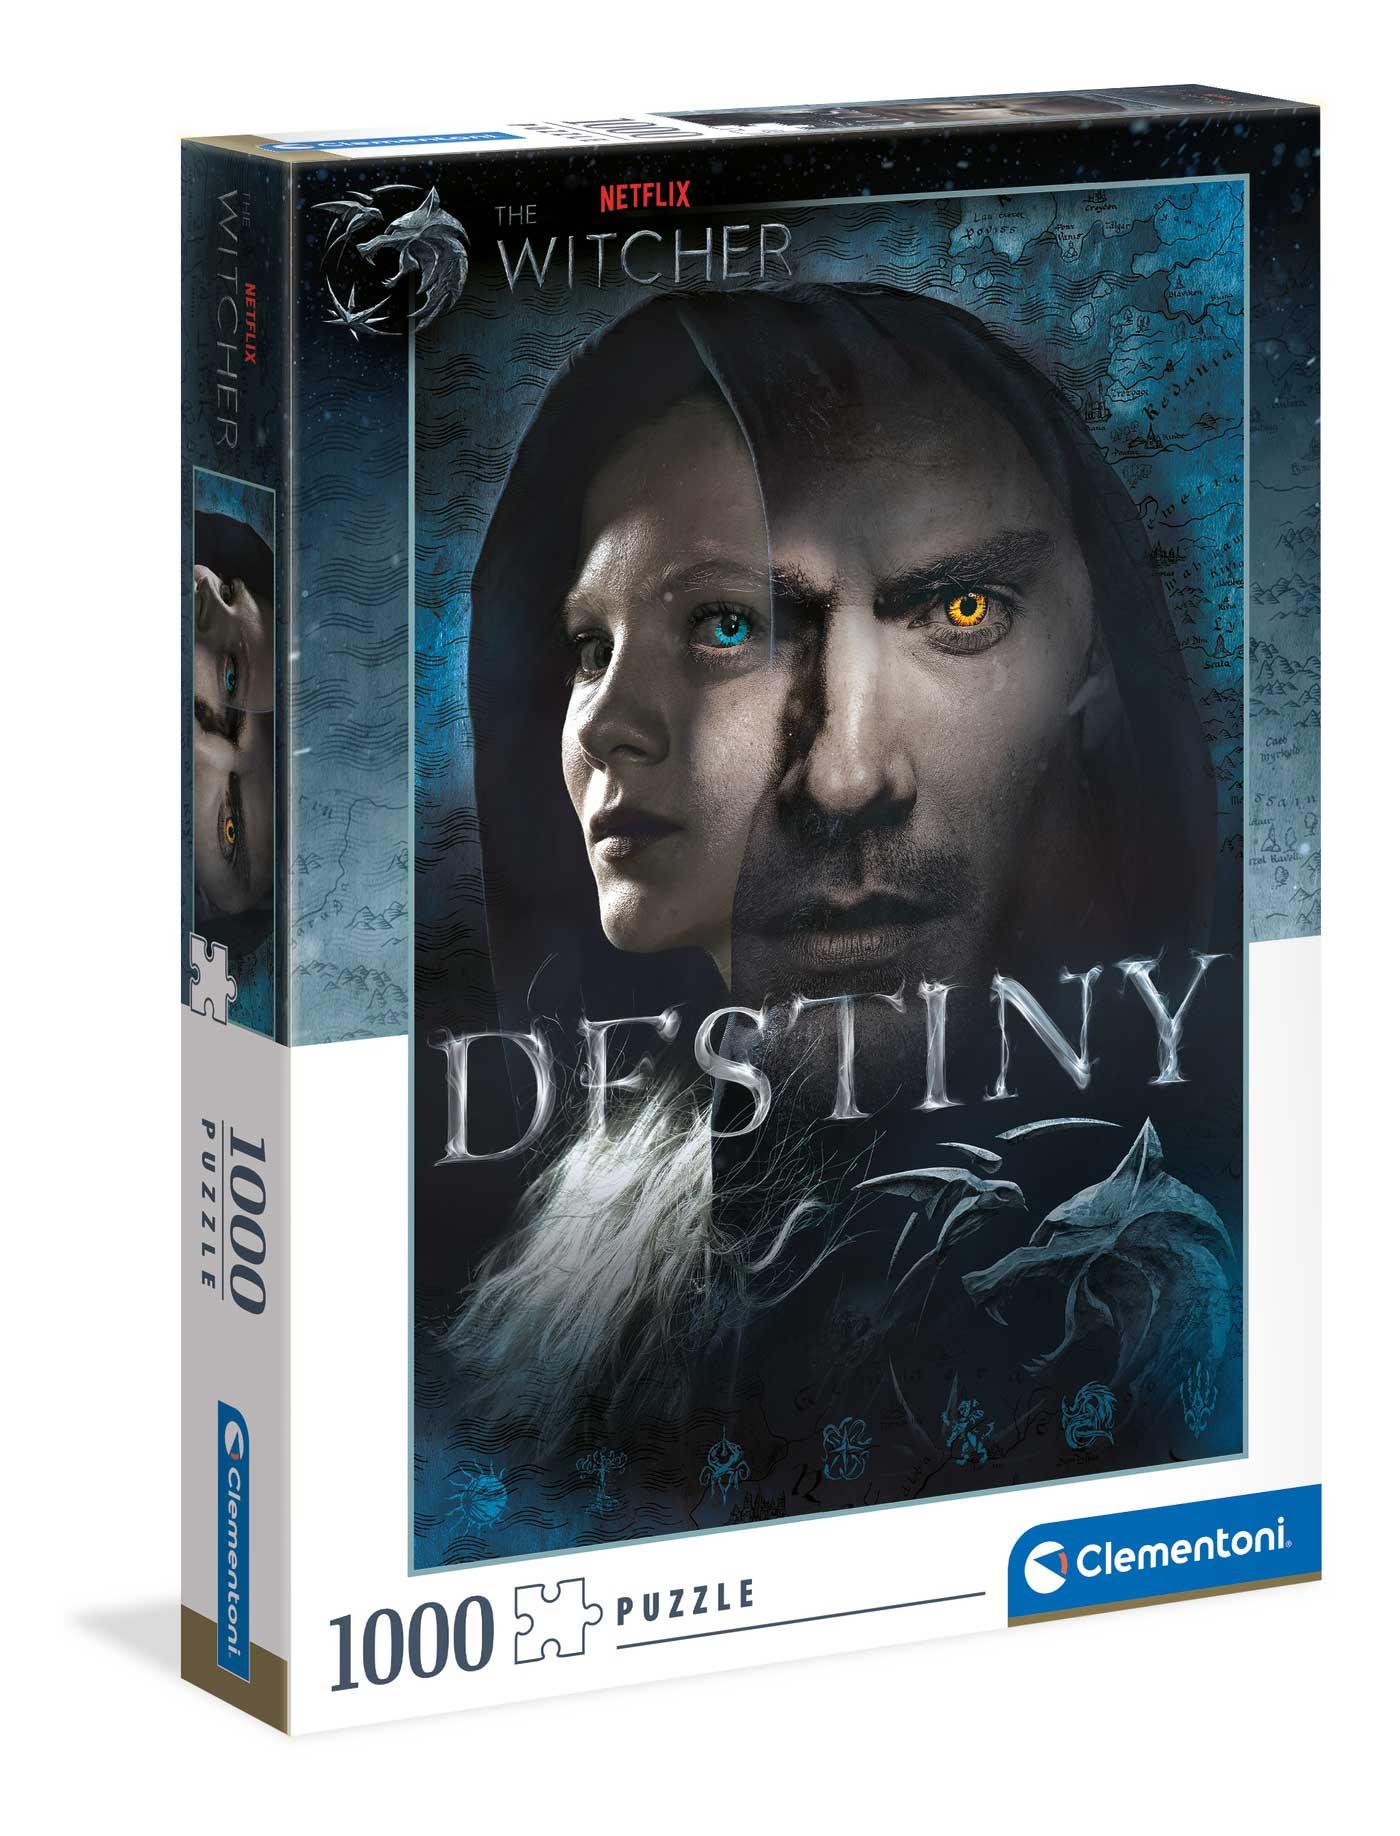 Puzzle Clementoni The Witcher Destiny de 1000 Piezas